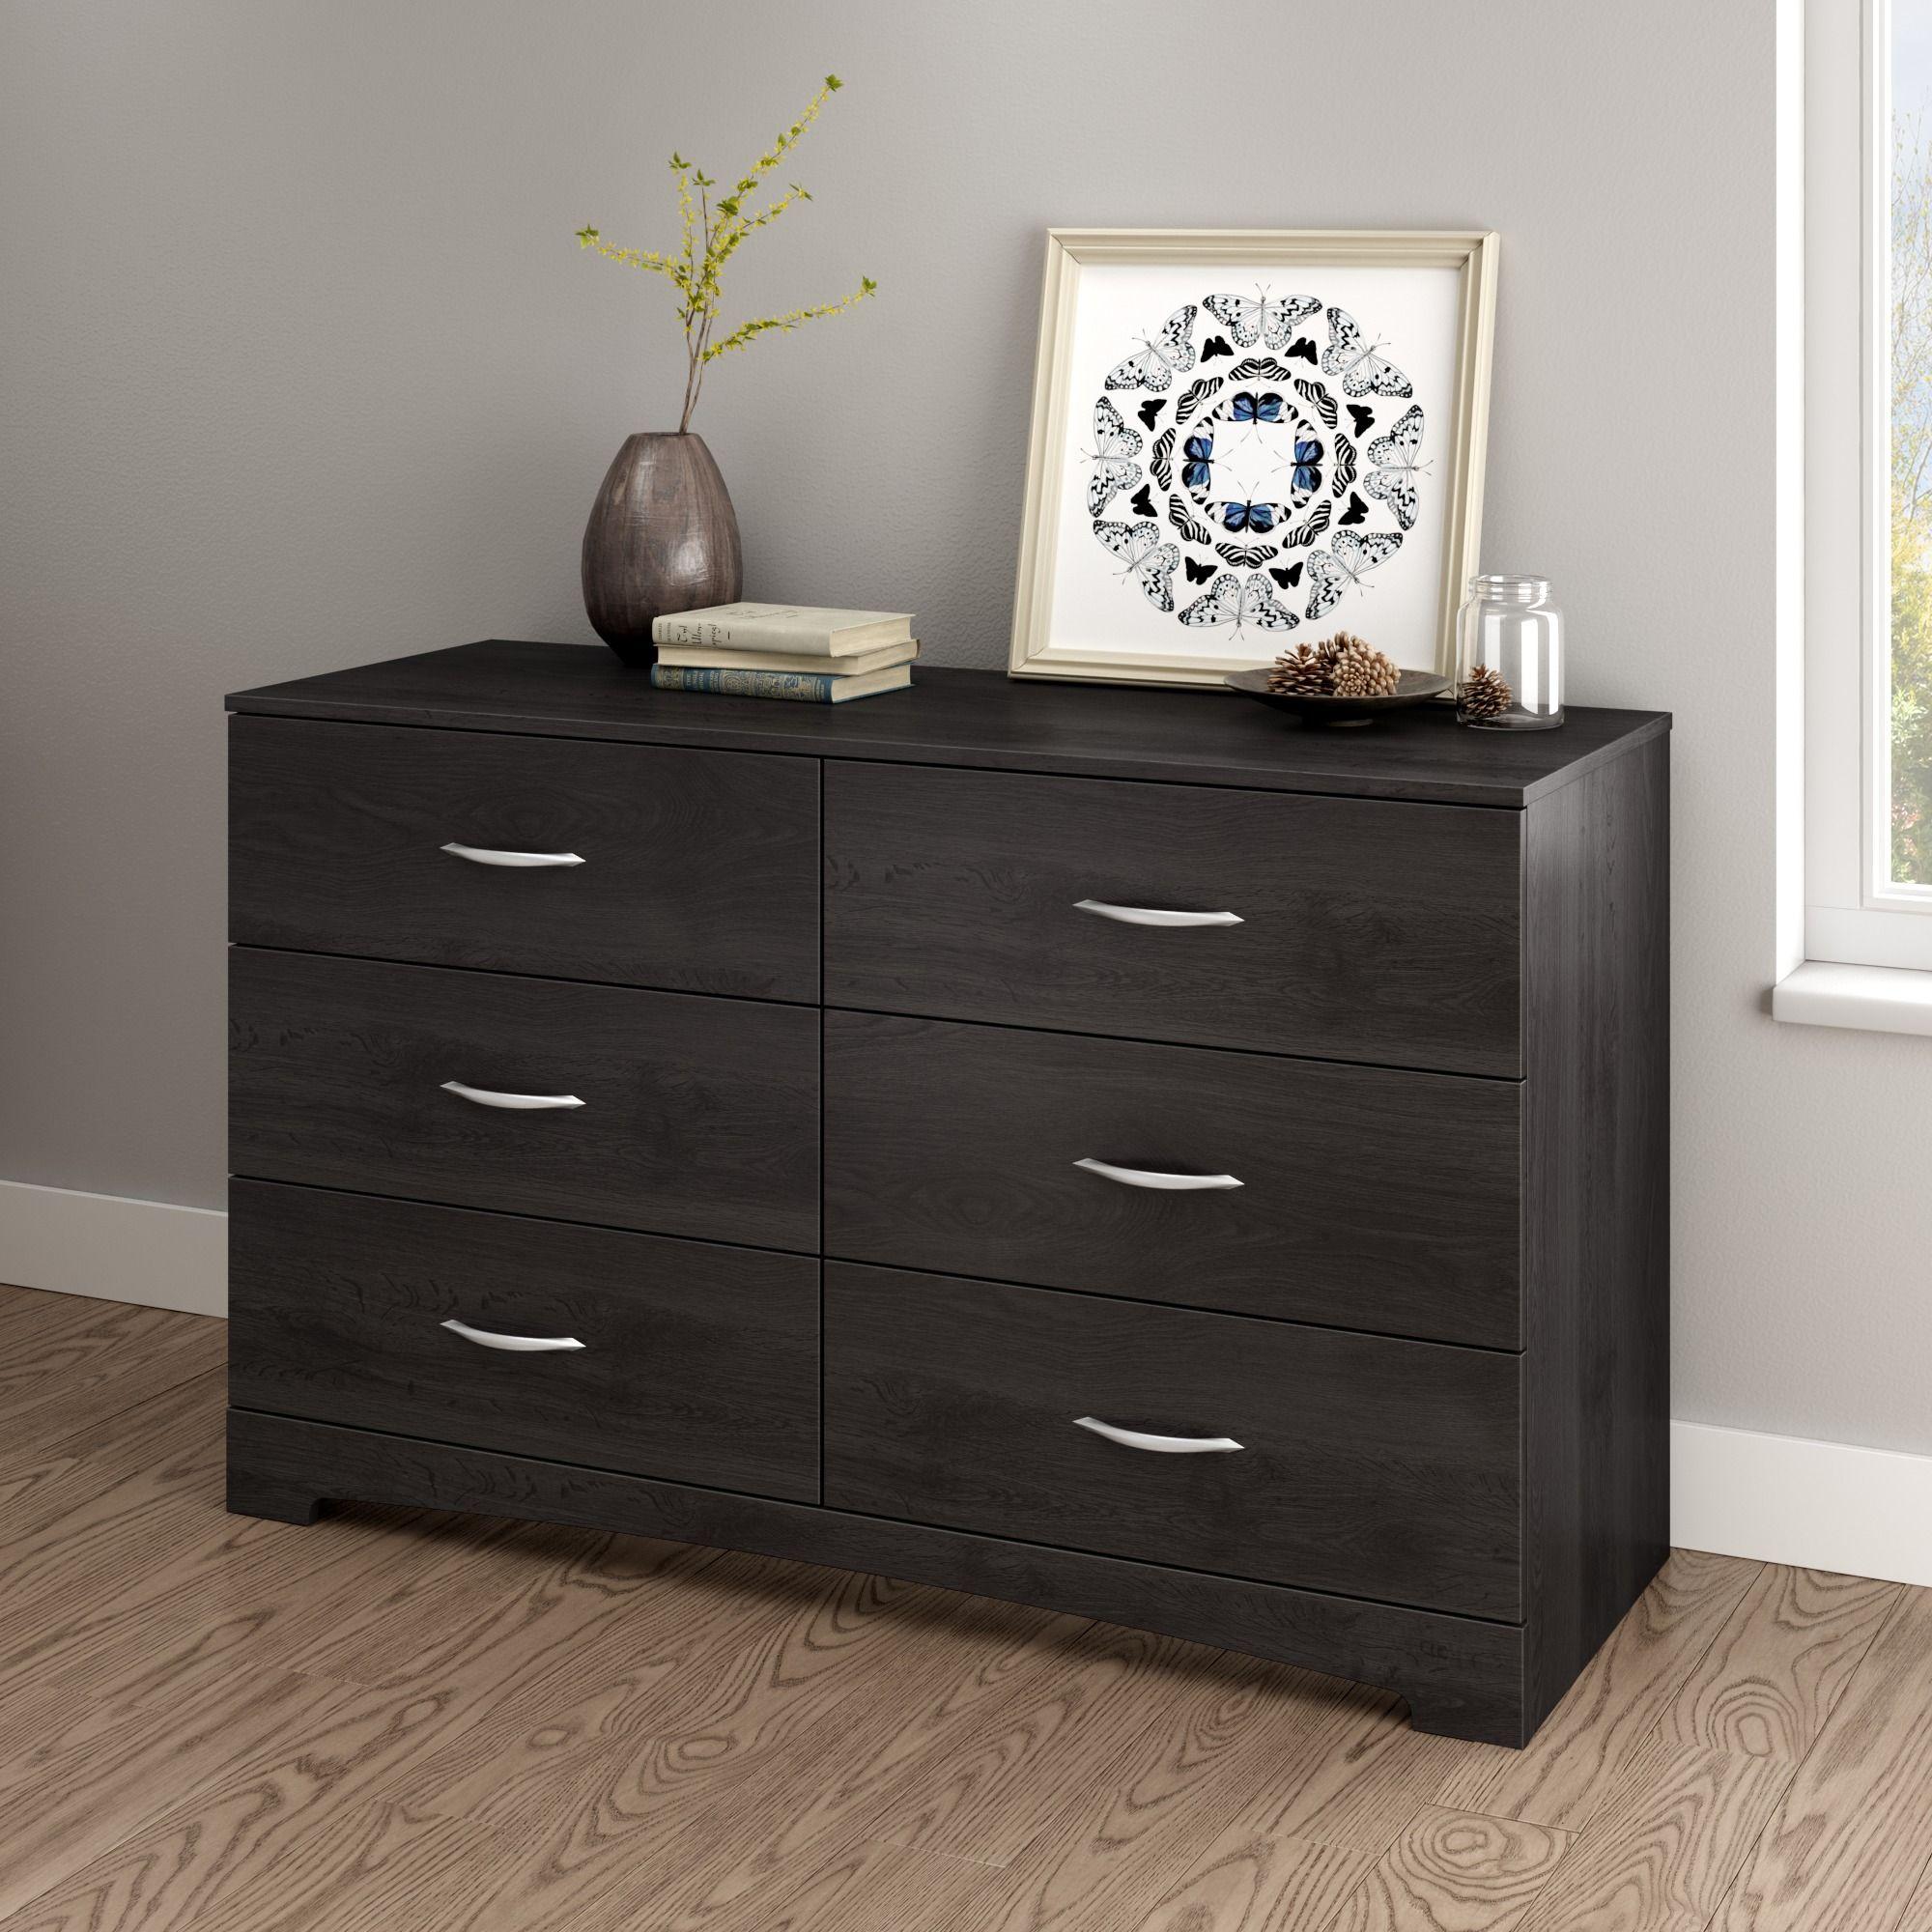 South Shore Soho 6 Drawer Double Dresser Multiple Finishes Walmart Com Furniture Grey Bedroom Furniture Oak Dresser [ 2000 x 2000 Pixel ]